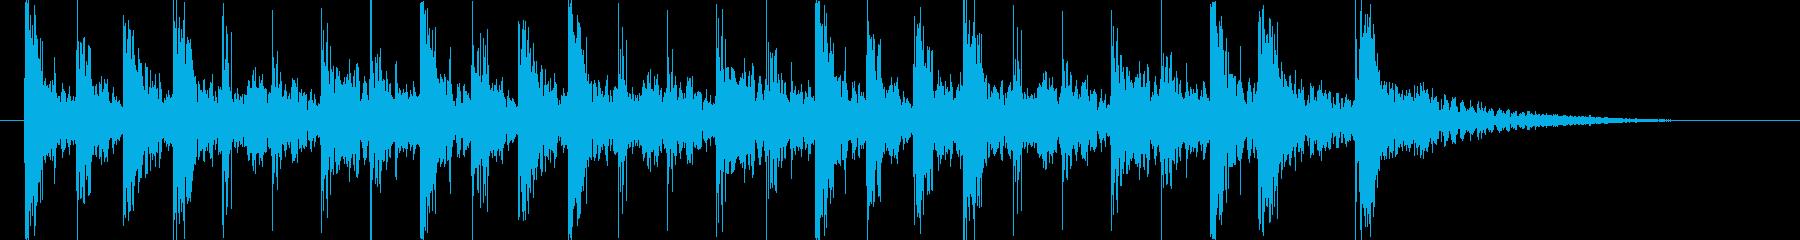 強烈なインパクトのパーカッションロゴ!!の再生済みの波形